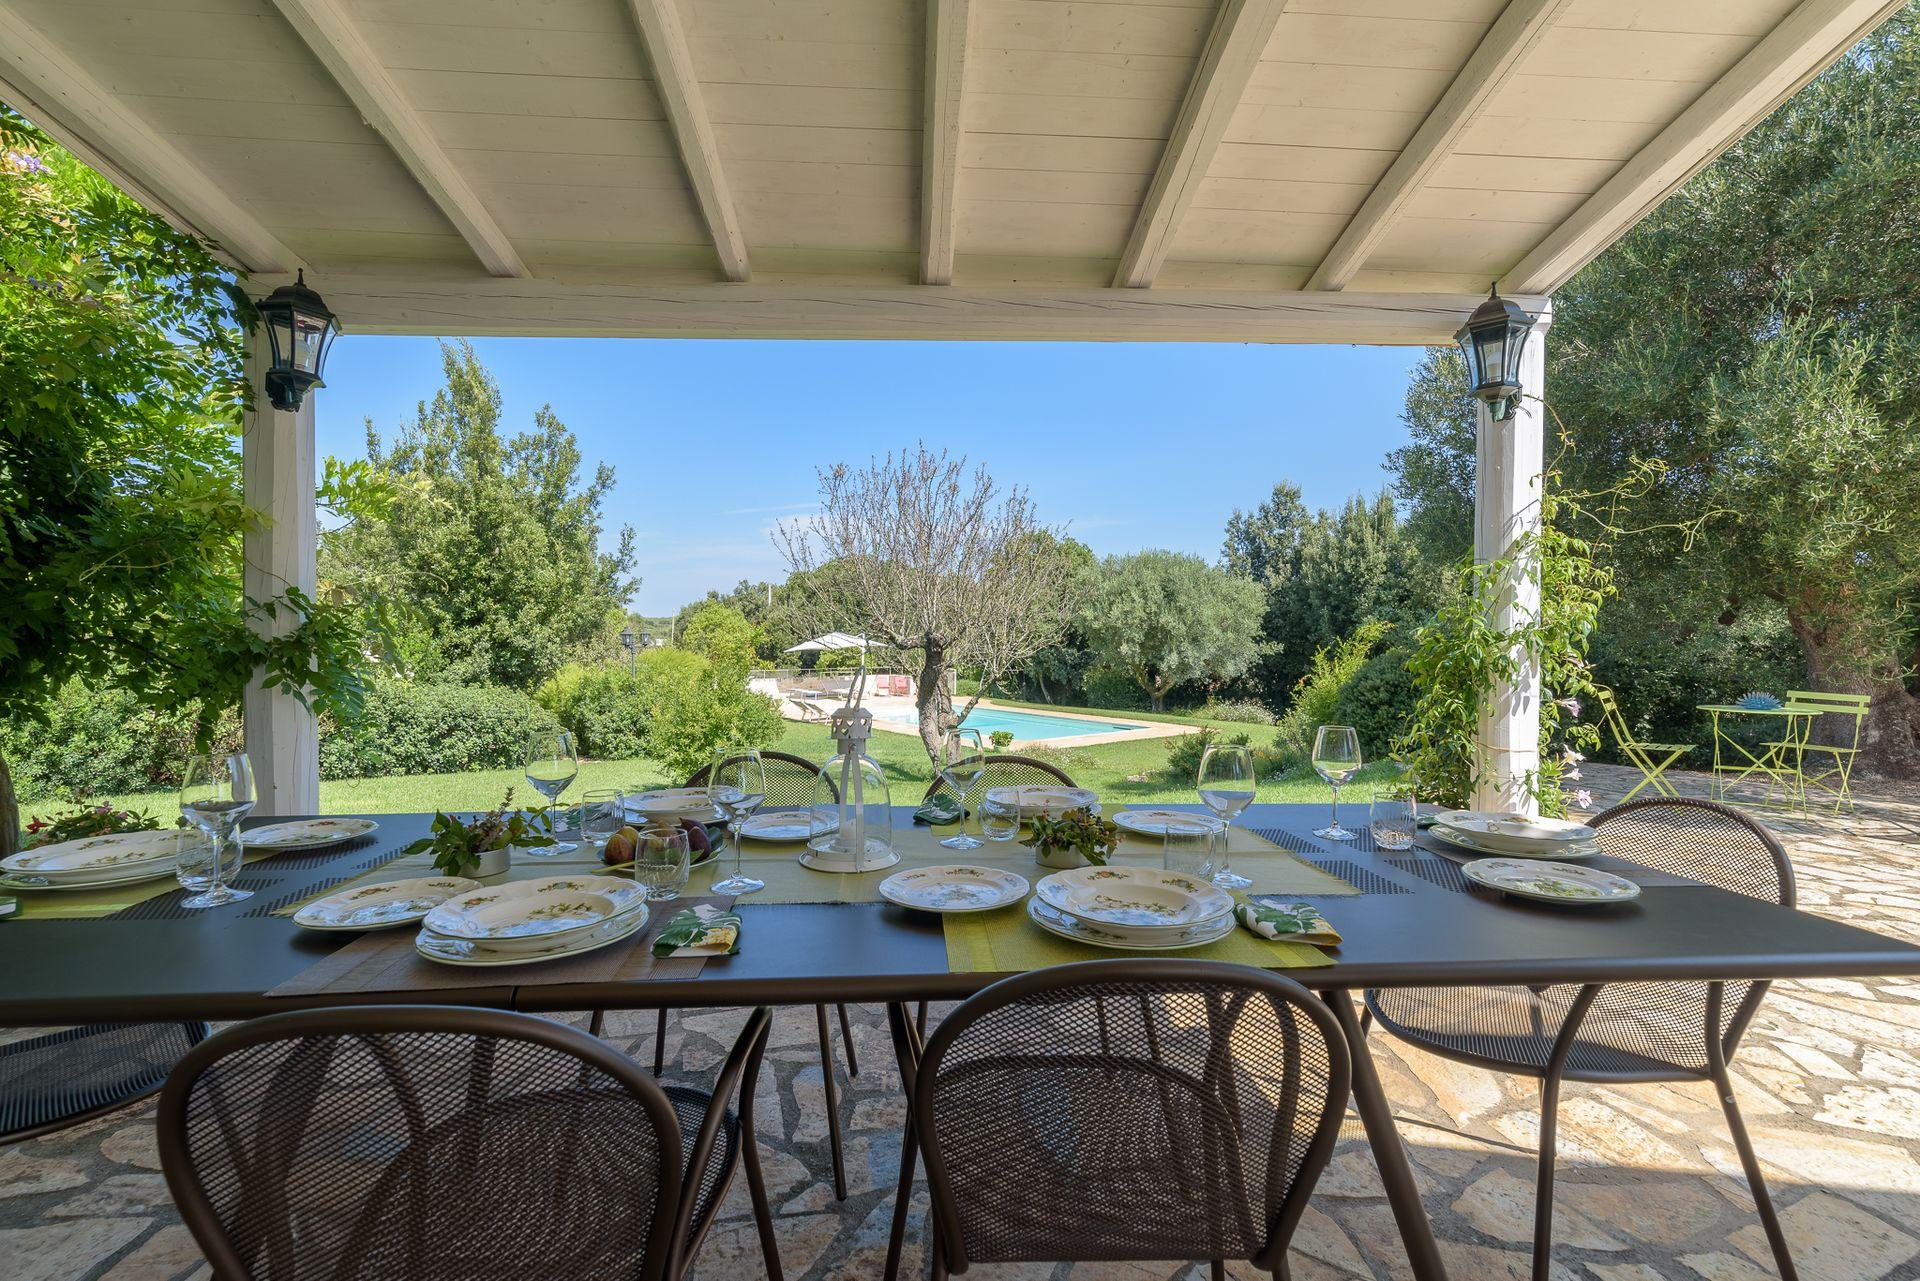 Trullo Petrelli: Casa De Vacaciones Con 3 Habitaciones Con ... encequiconcerne Table De Jardin Auchan